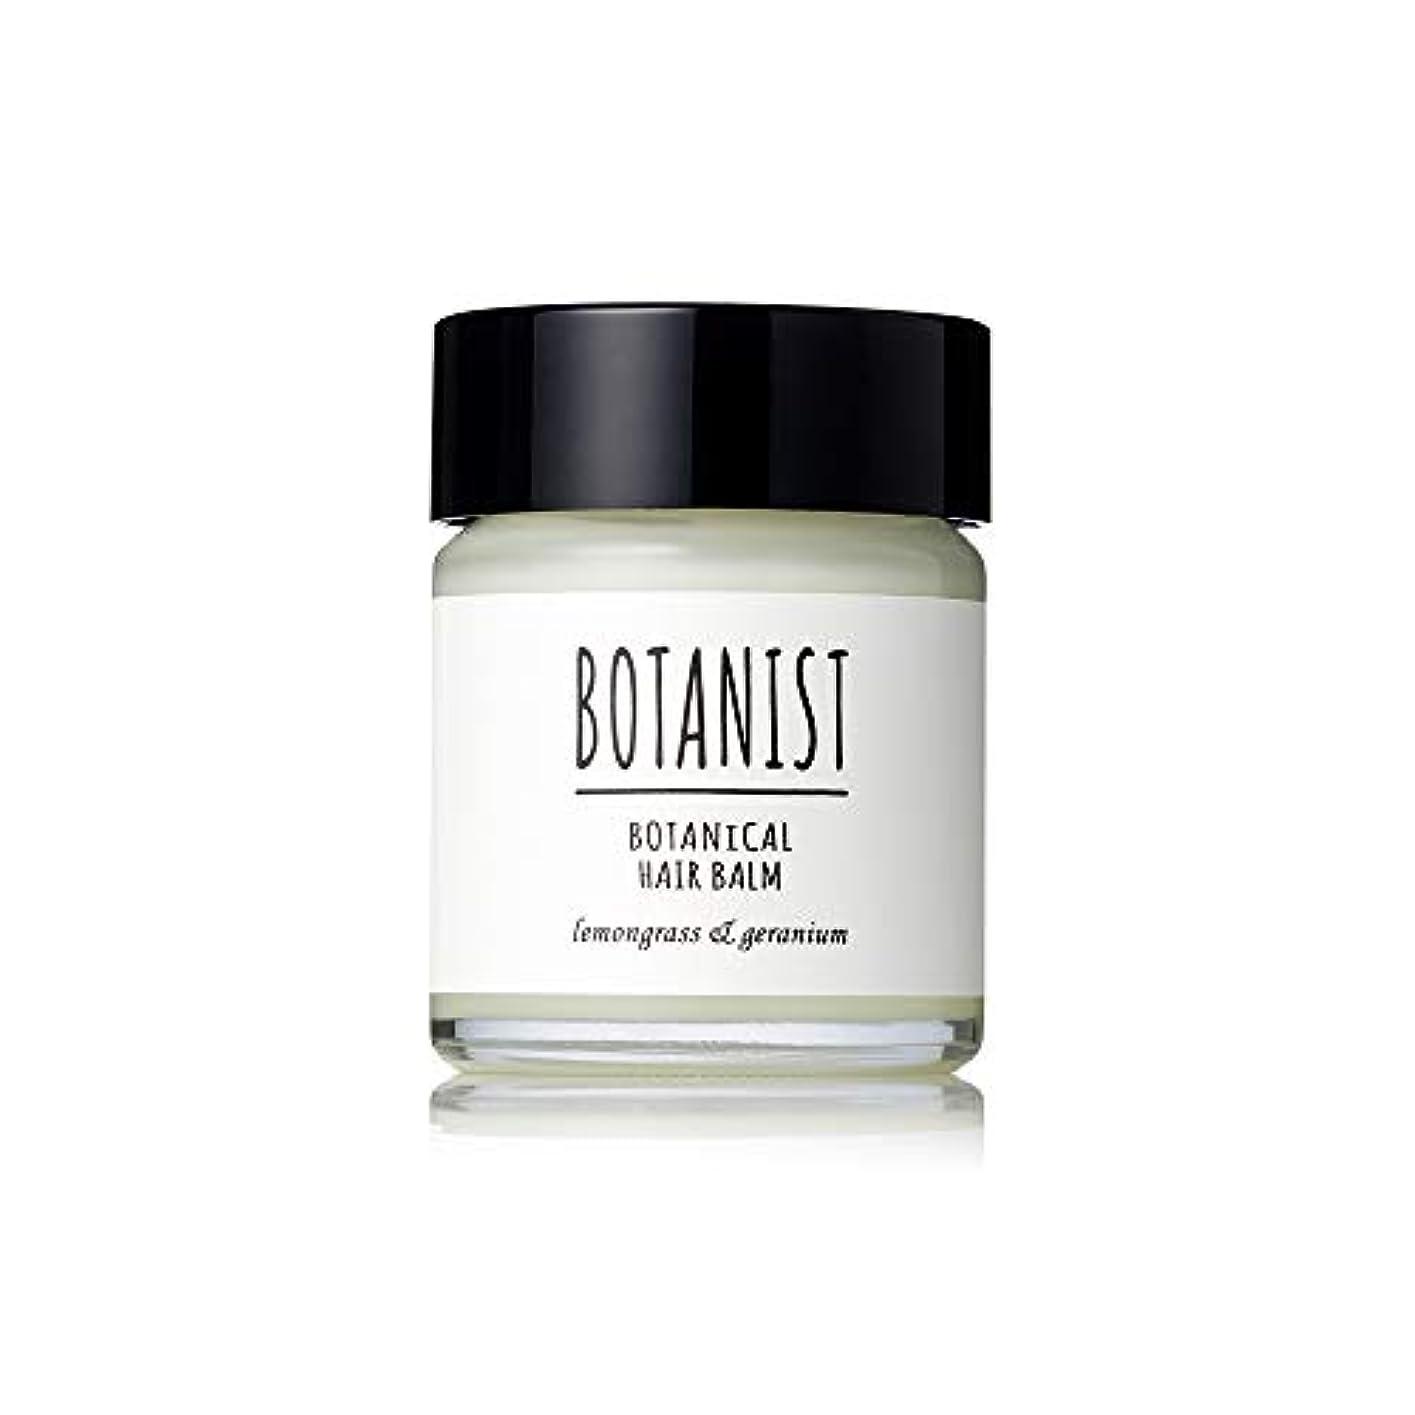 種類ナチュラル手のひらBOTANIST ボタニスト ボタニカルヘアバーム 32g レモングラス&ゼラニウムの香り